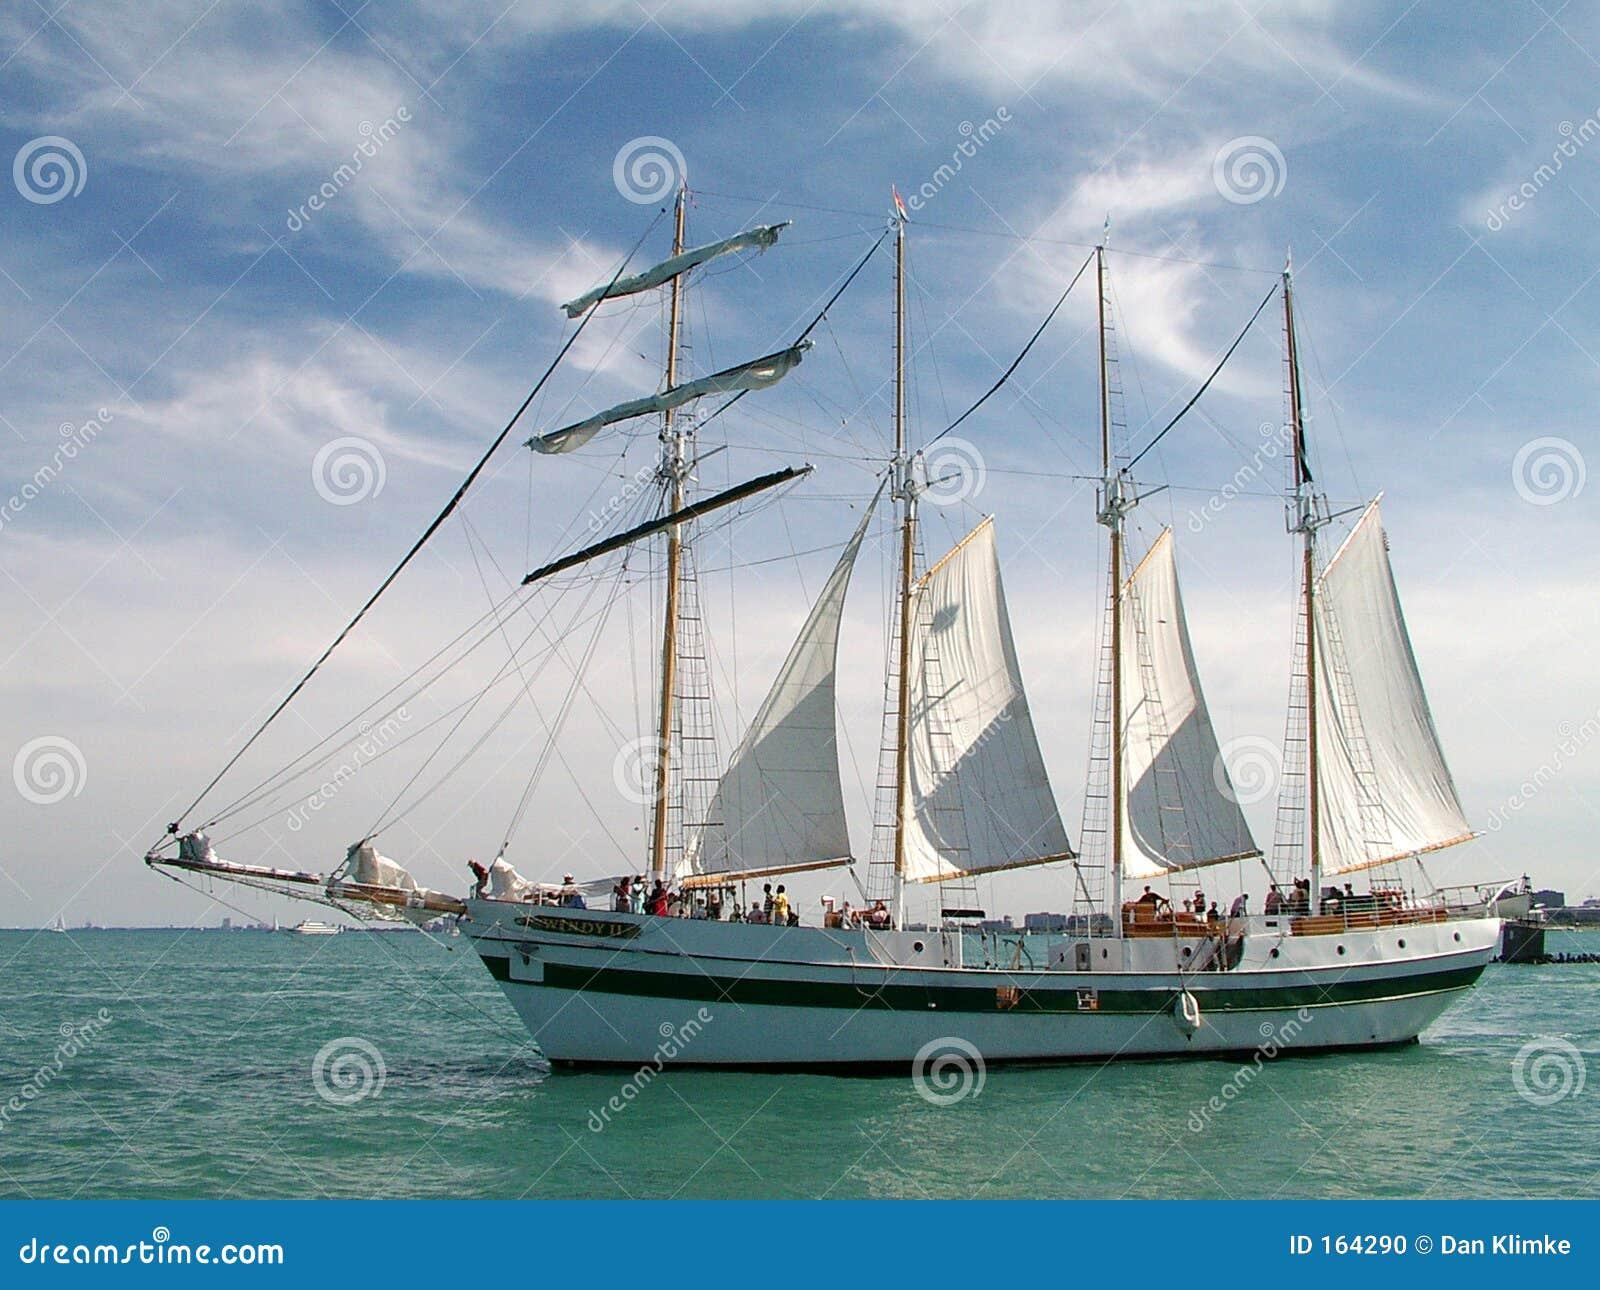 Segla ship